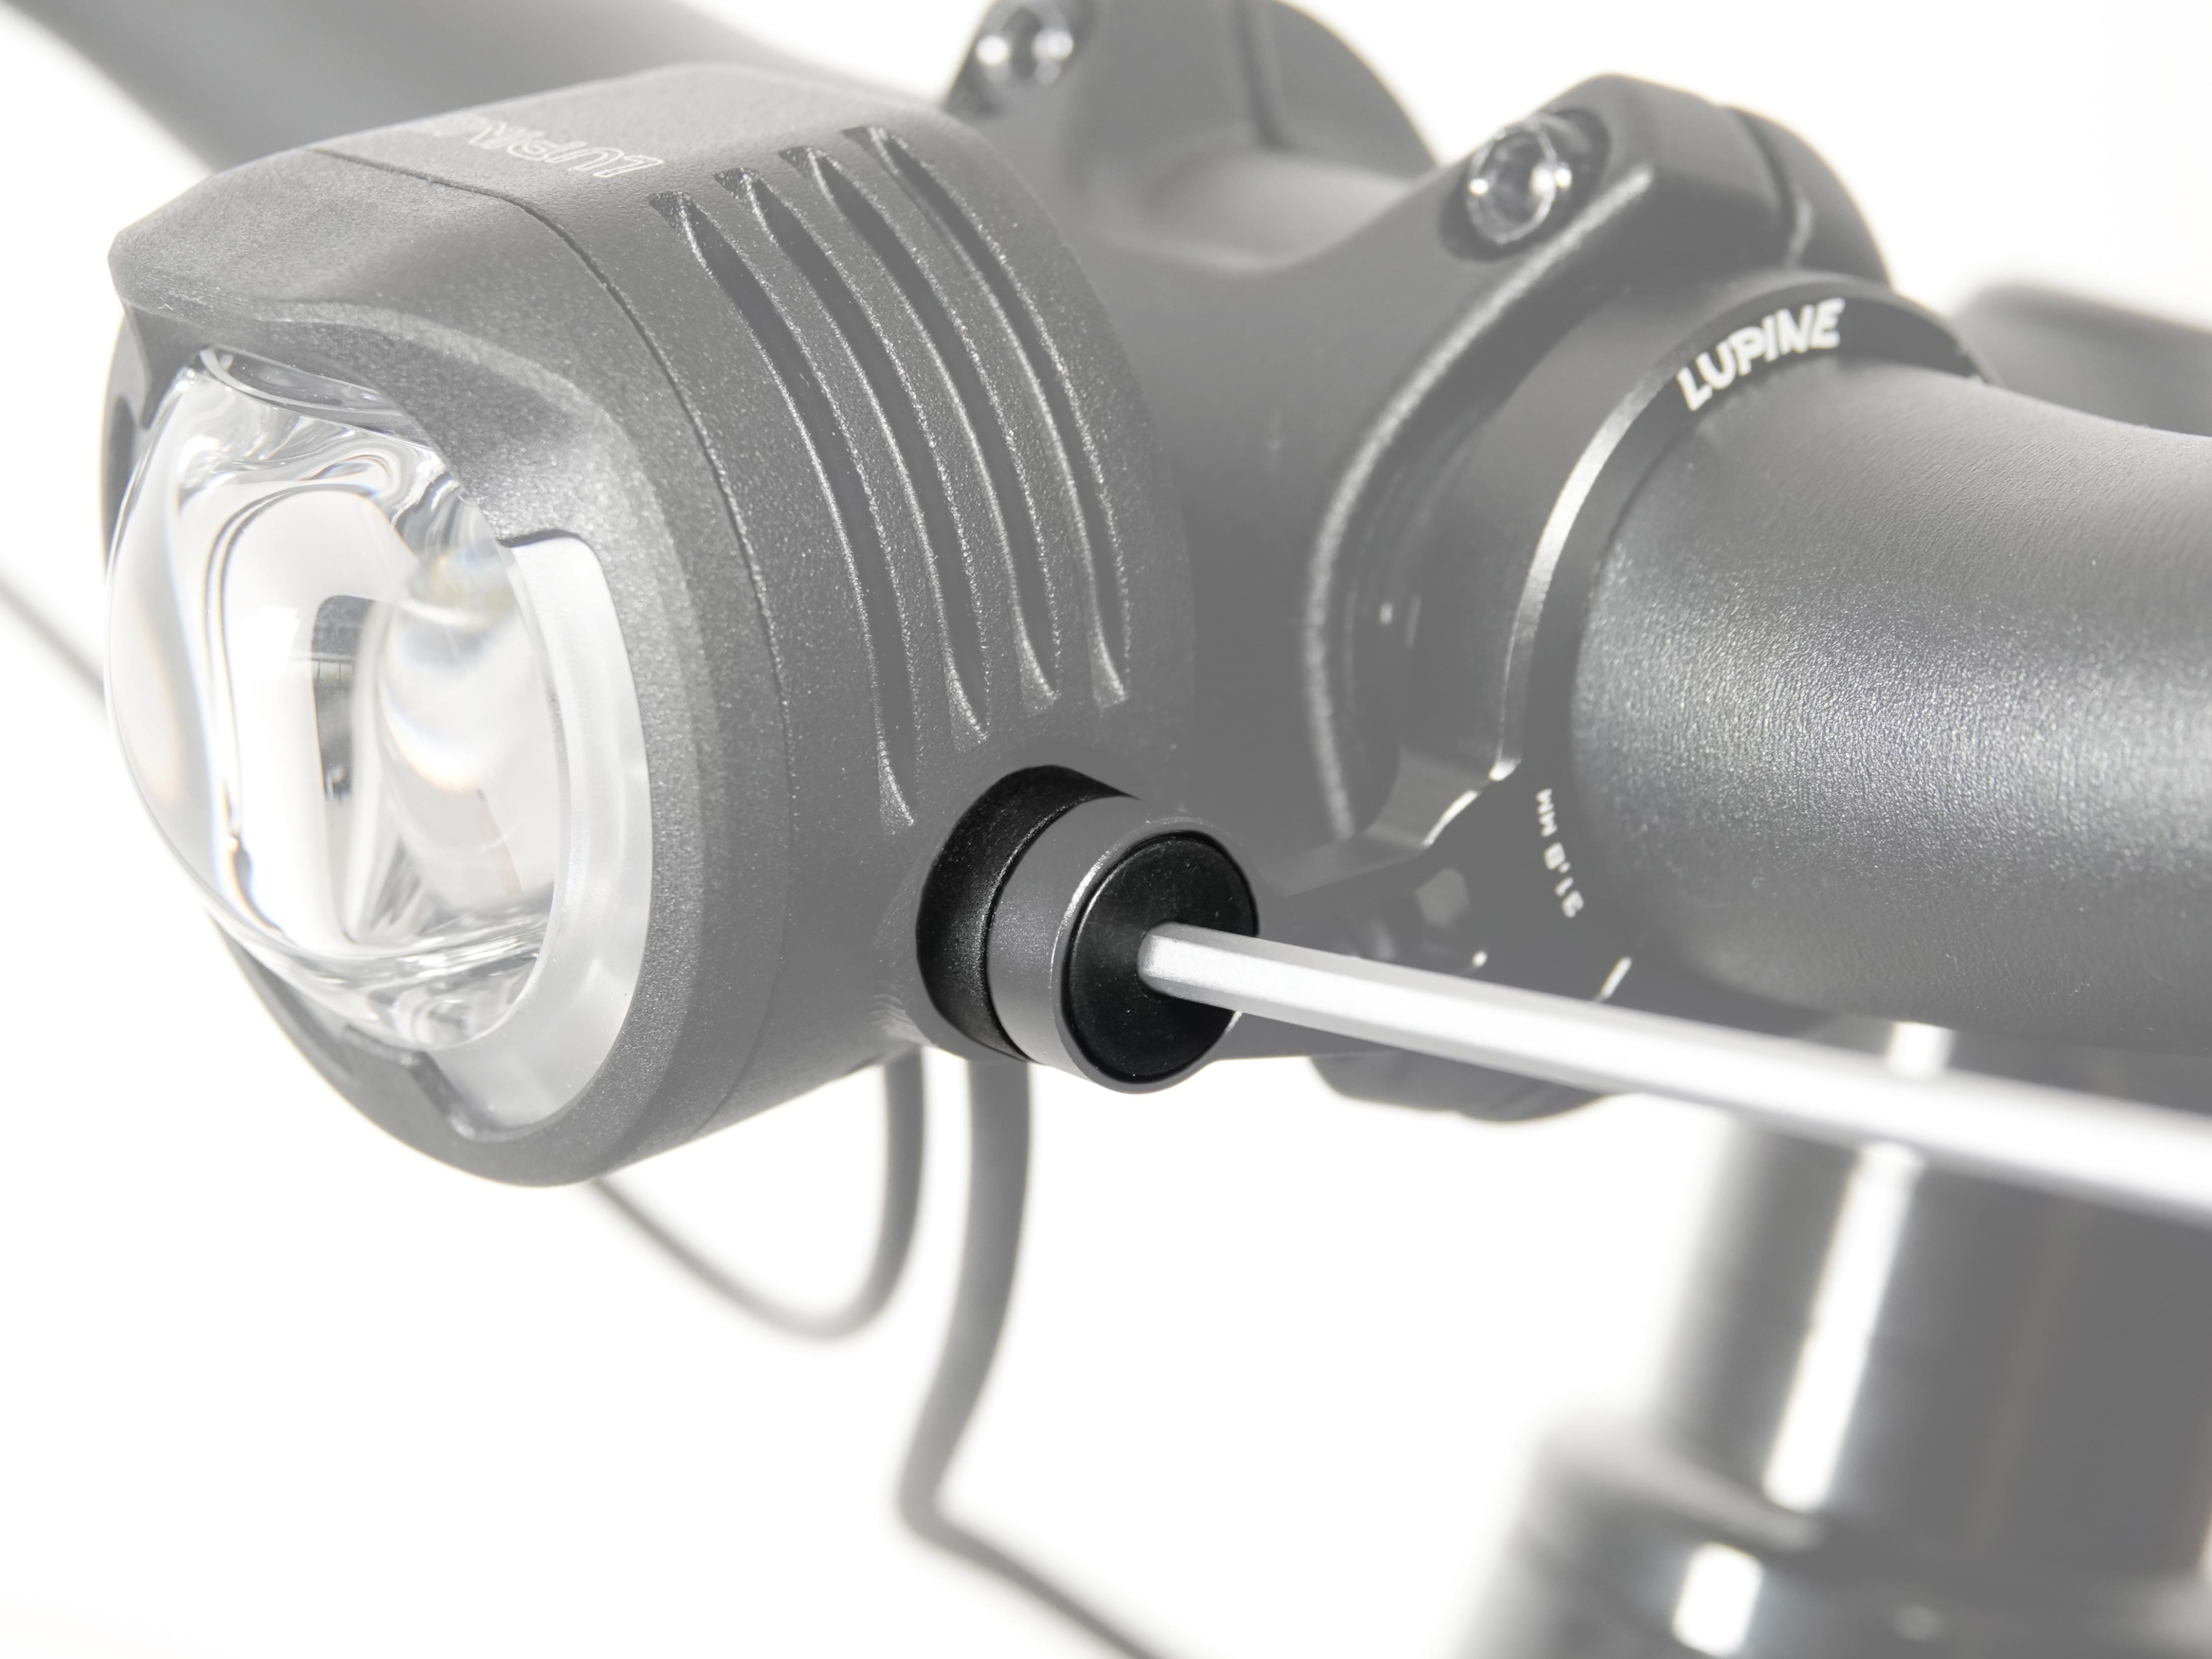 SL F Lenkerhalter (CNC gefräst)